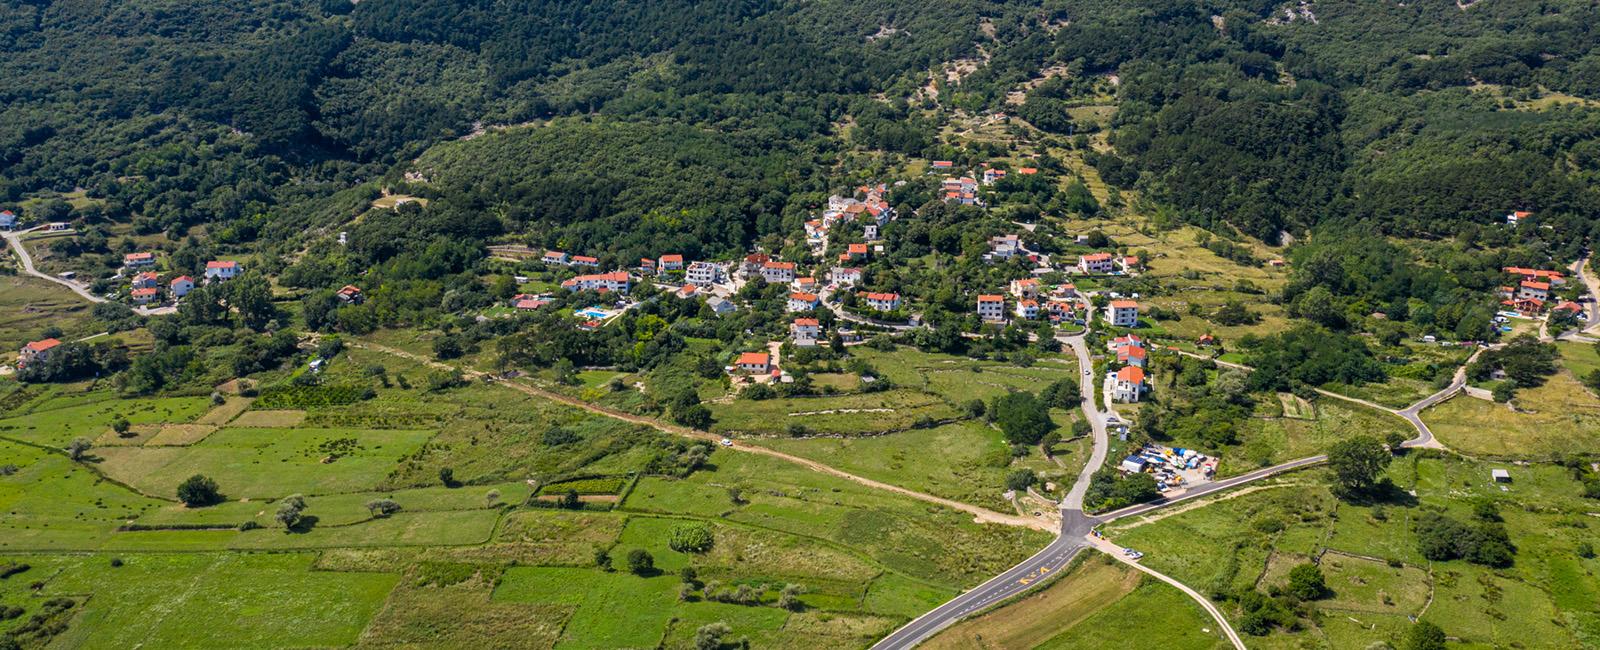 Naselje Batomalj - Općina Baška